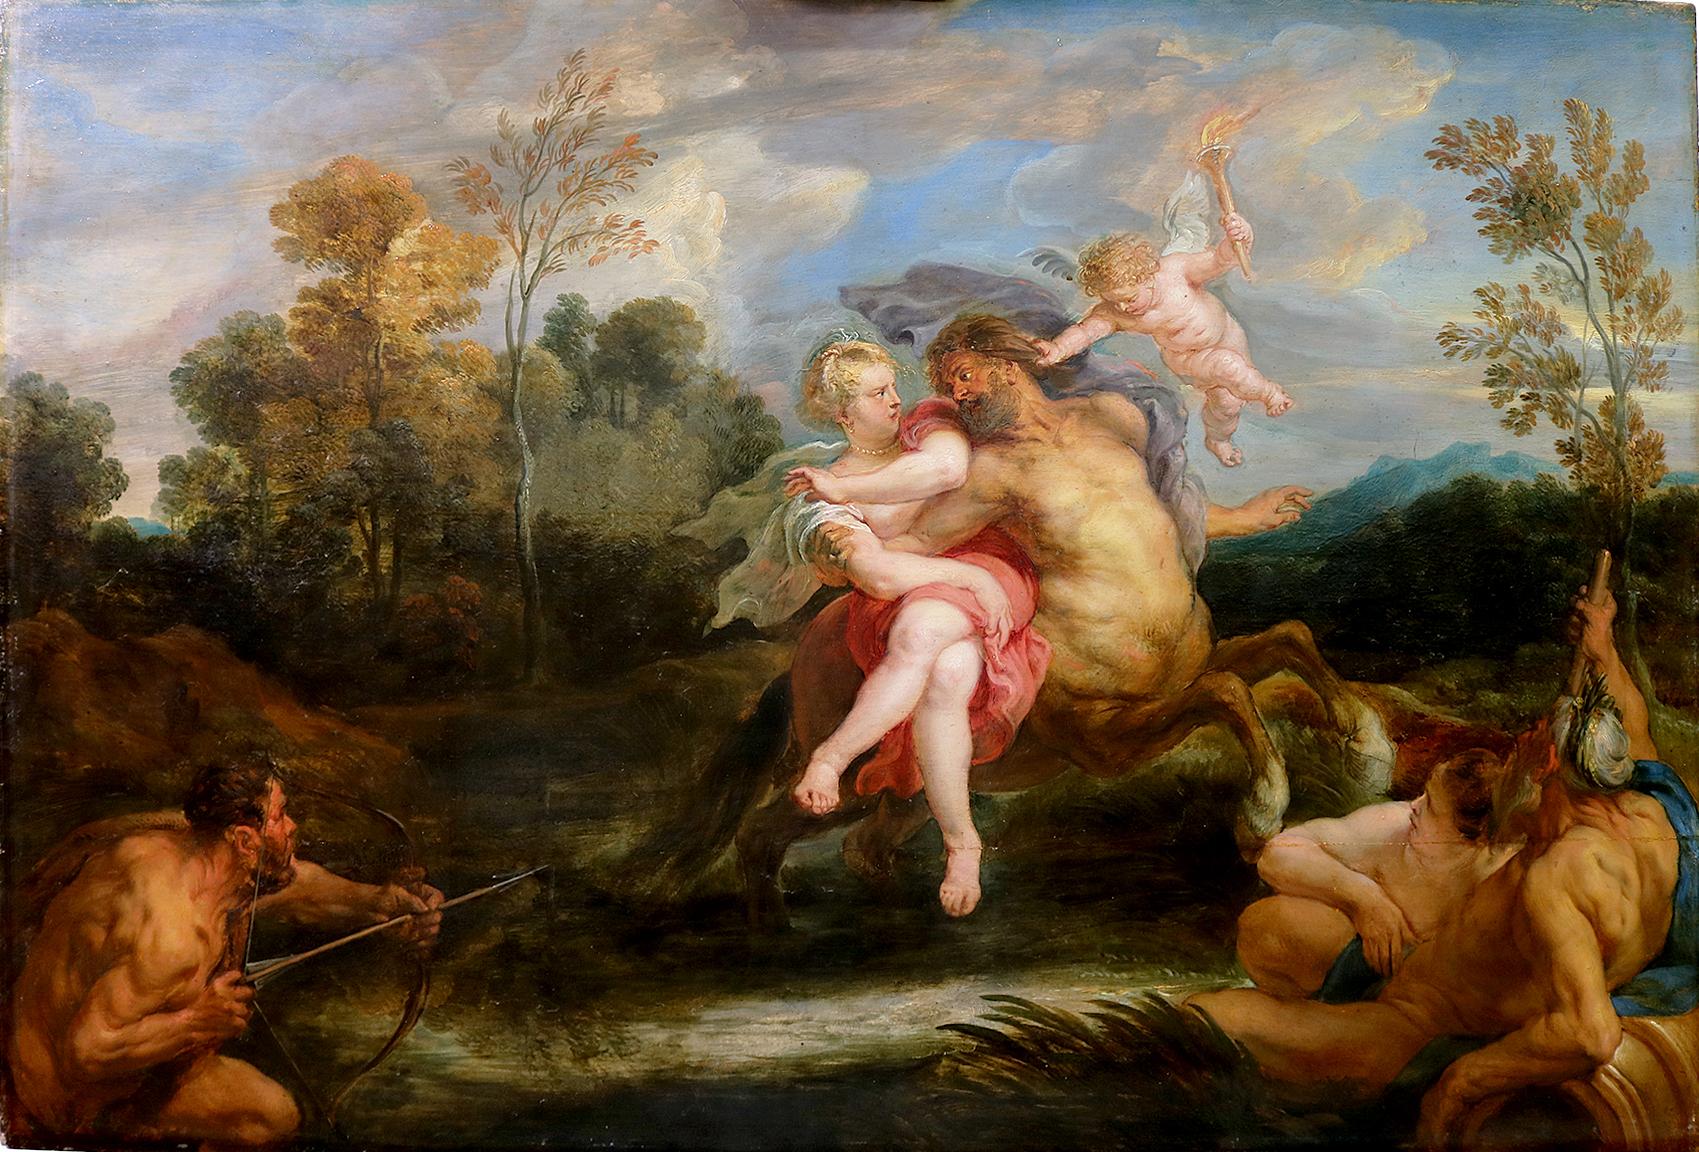 The Centaur Nessus abducts Dejanira